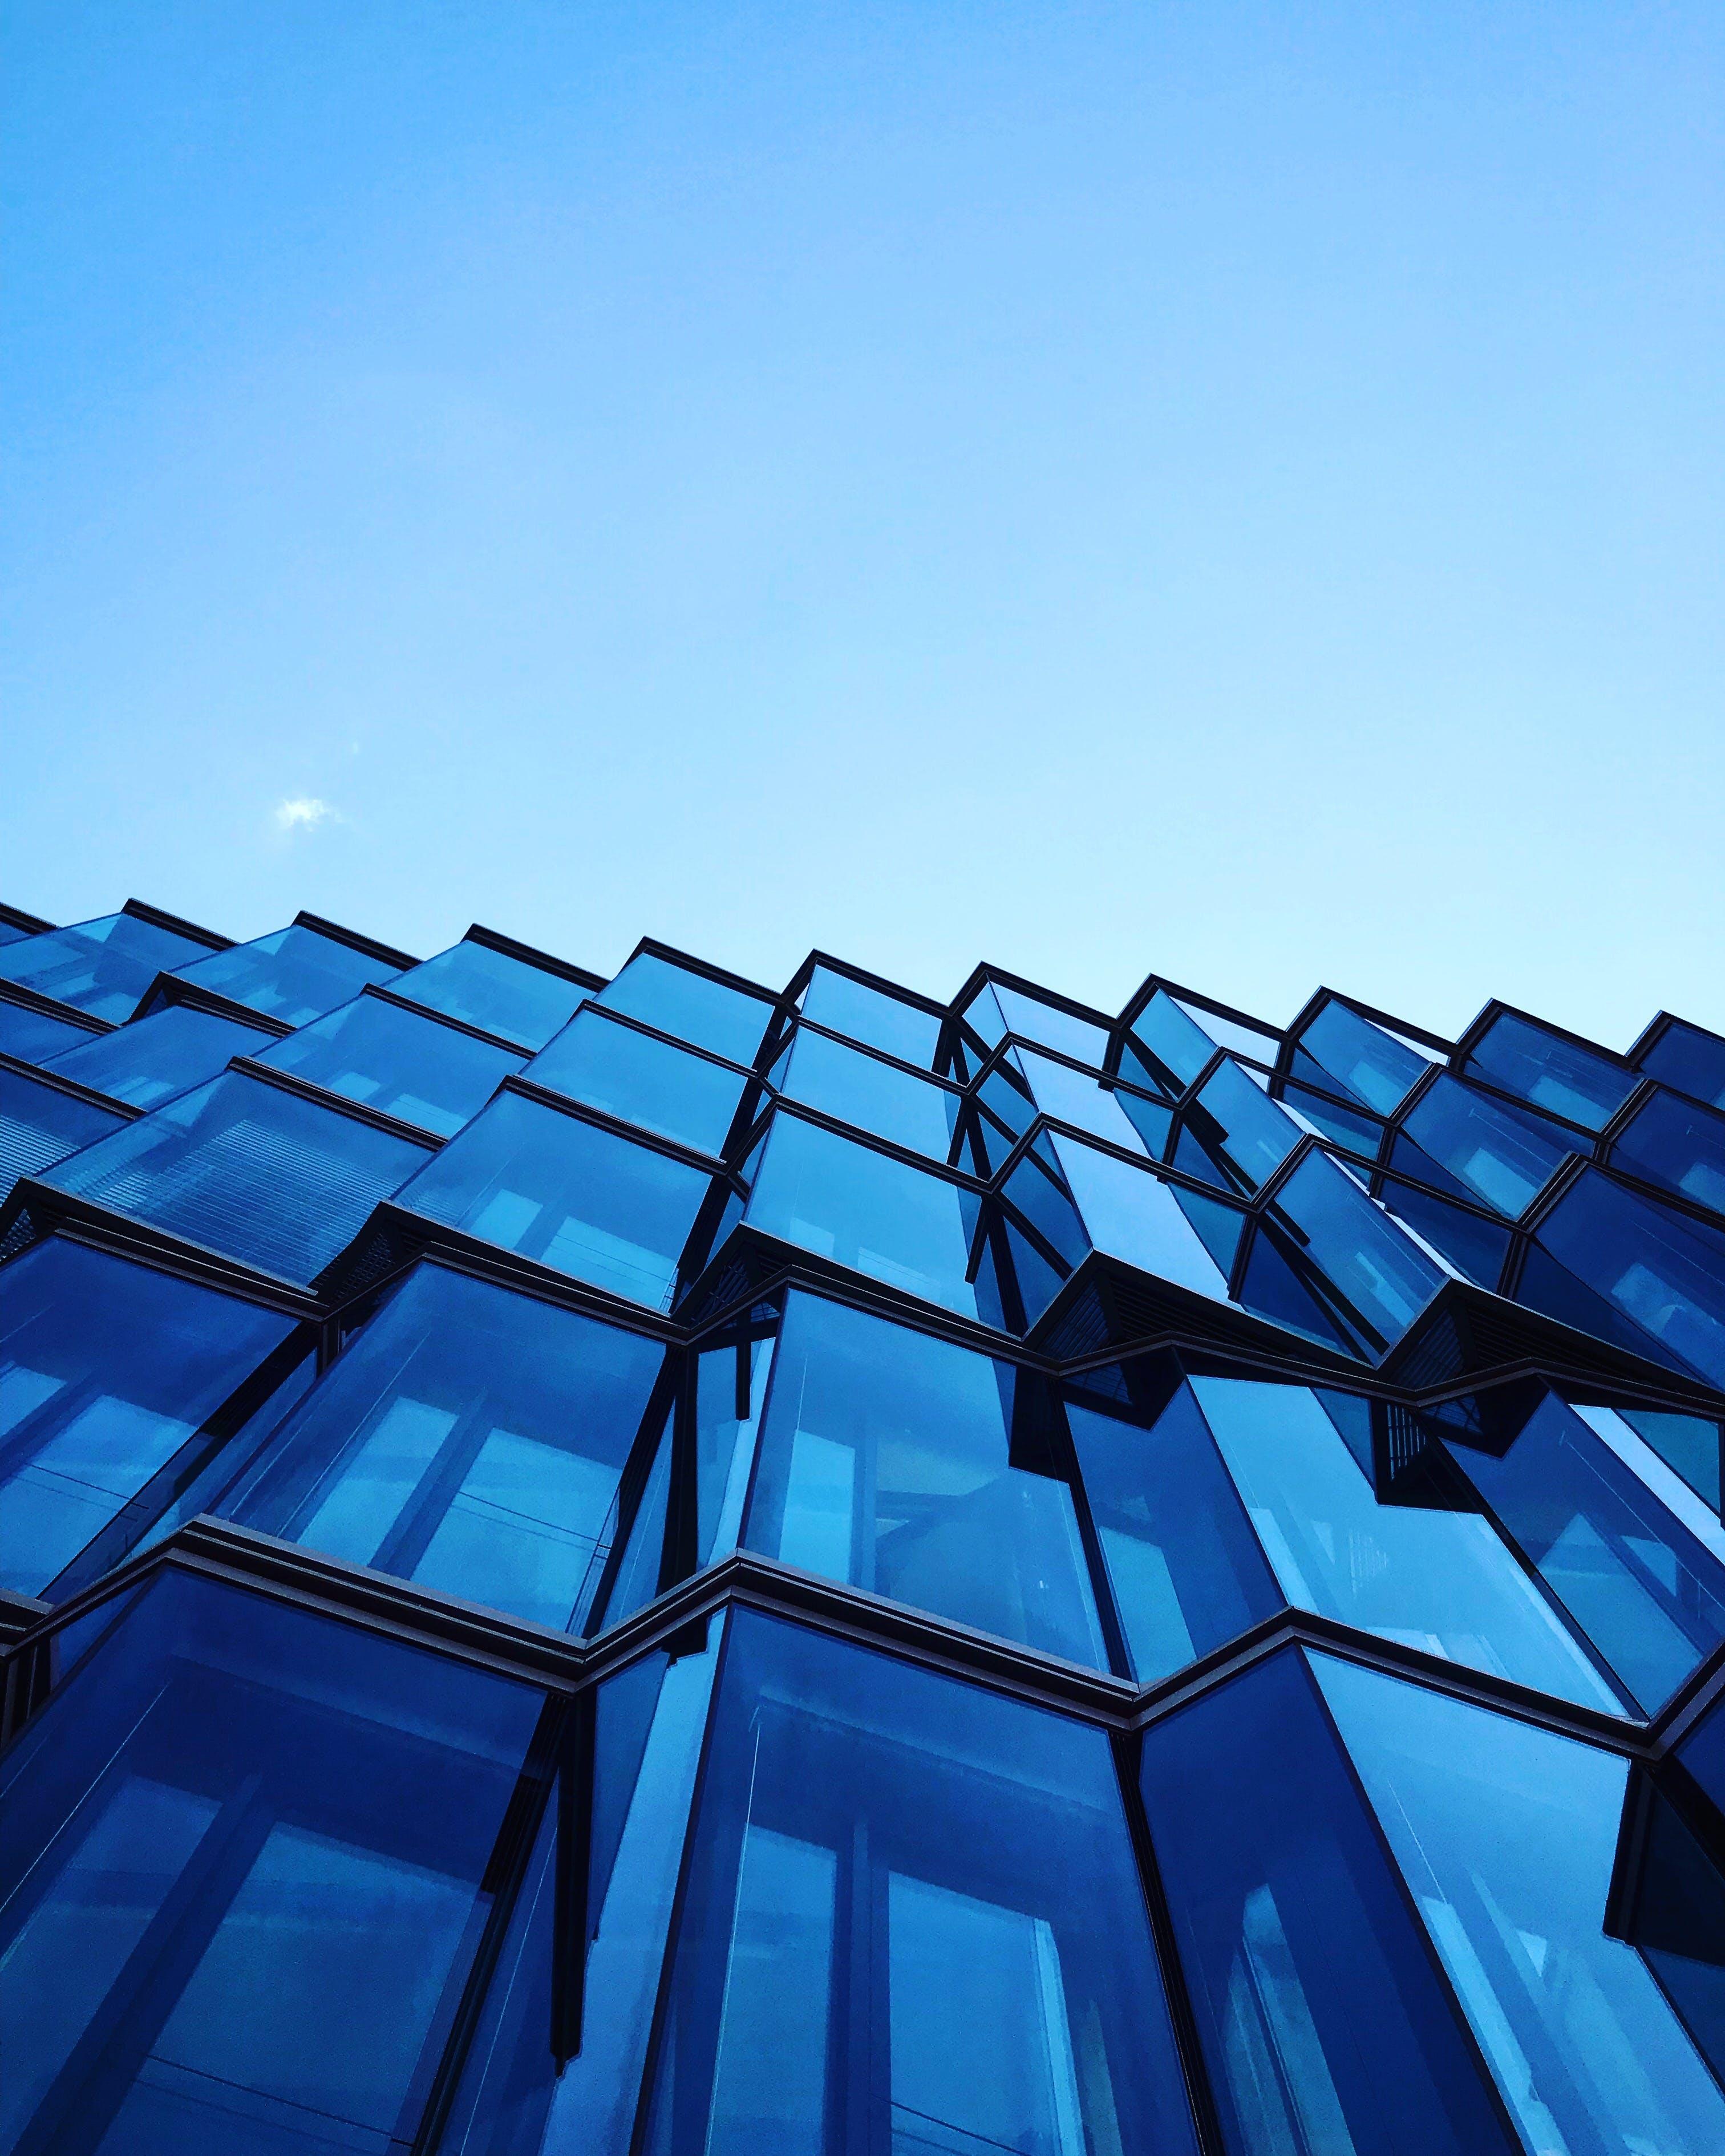 Δωρεάν στοκ φωτογραφιών με αρχιτεκτονική, αστικός, γυάλινα παράθυρα, κέντρο πόλης